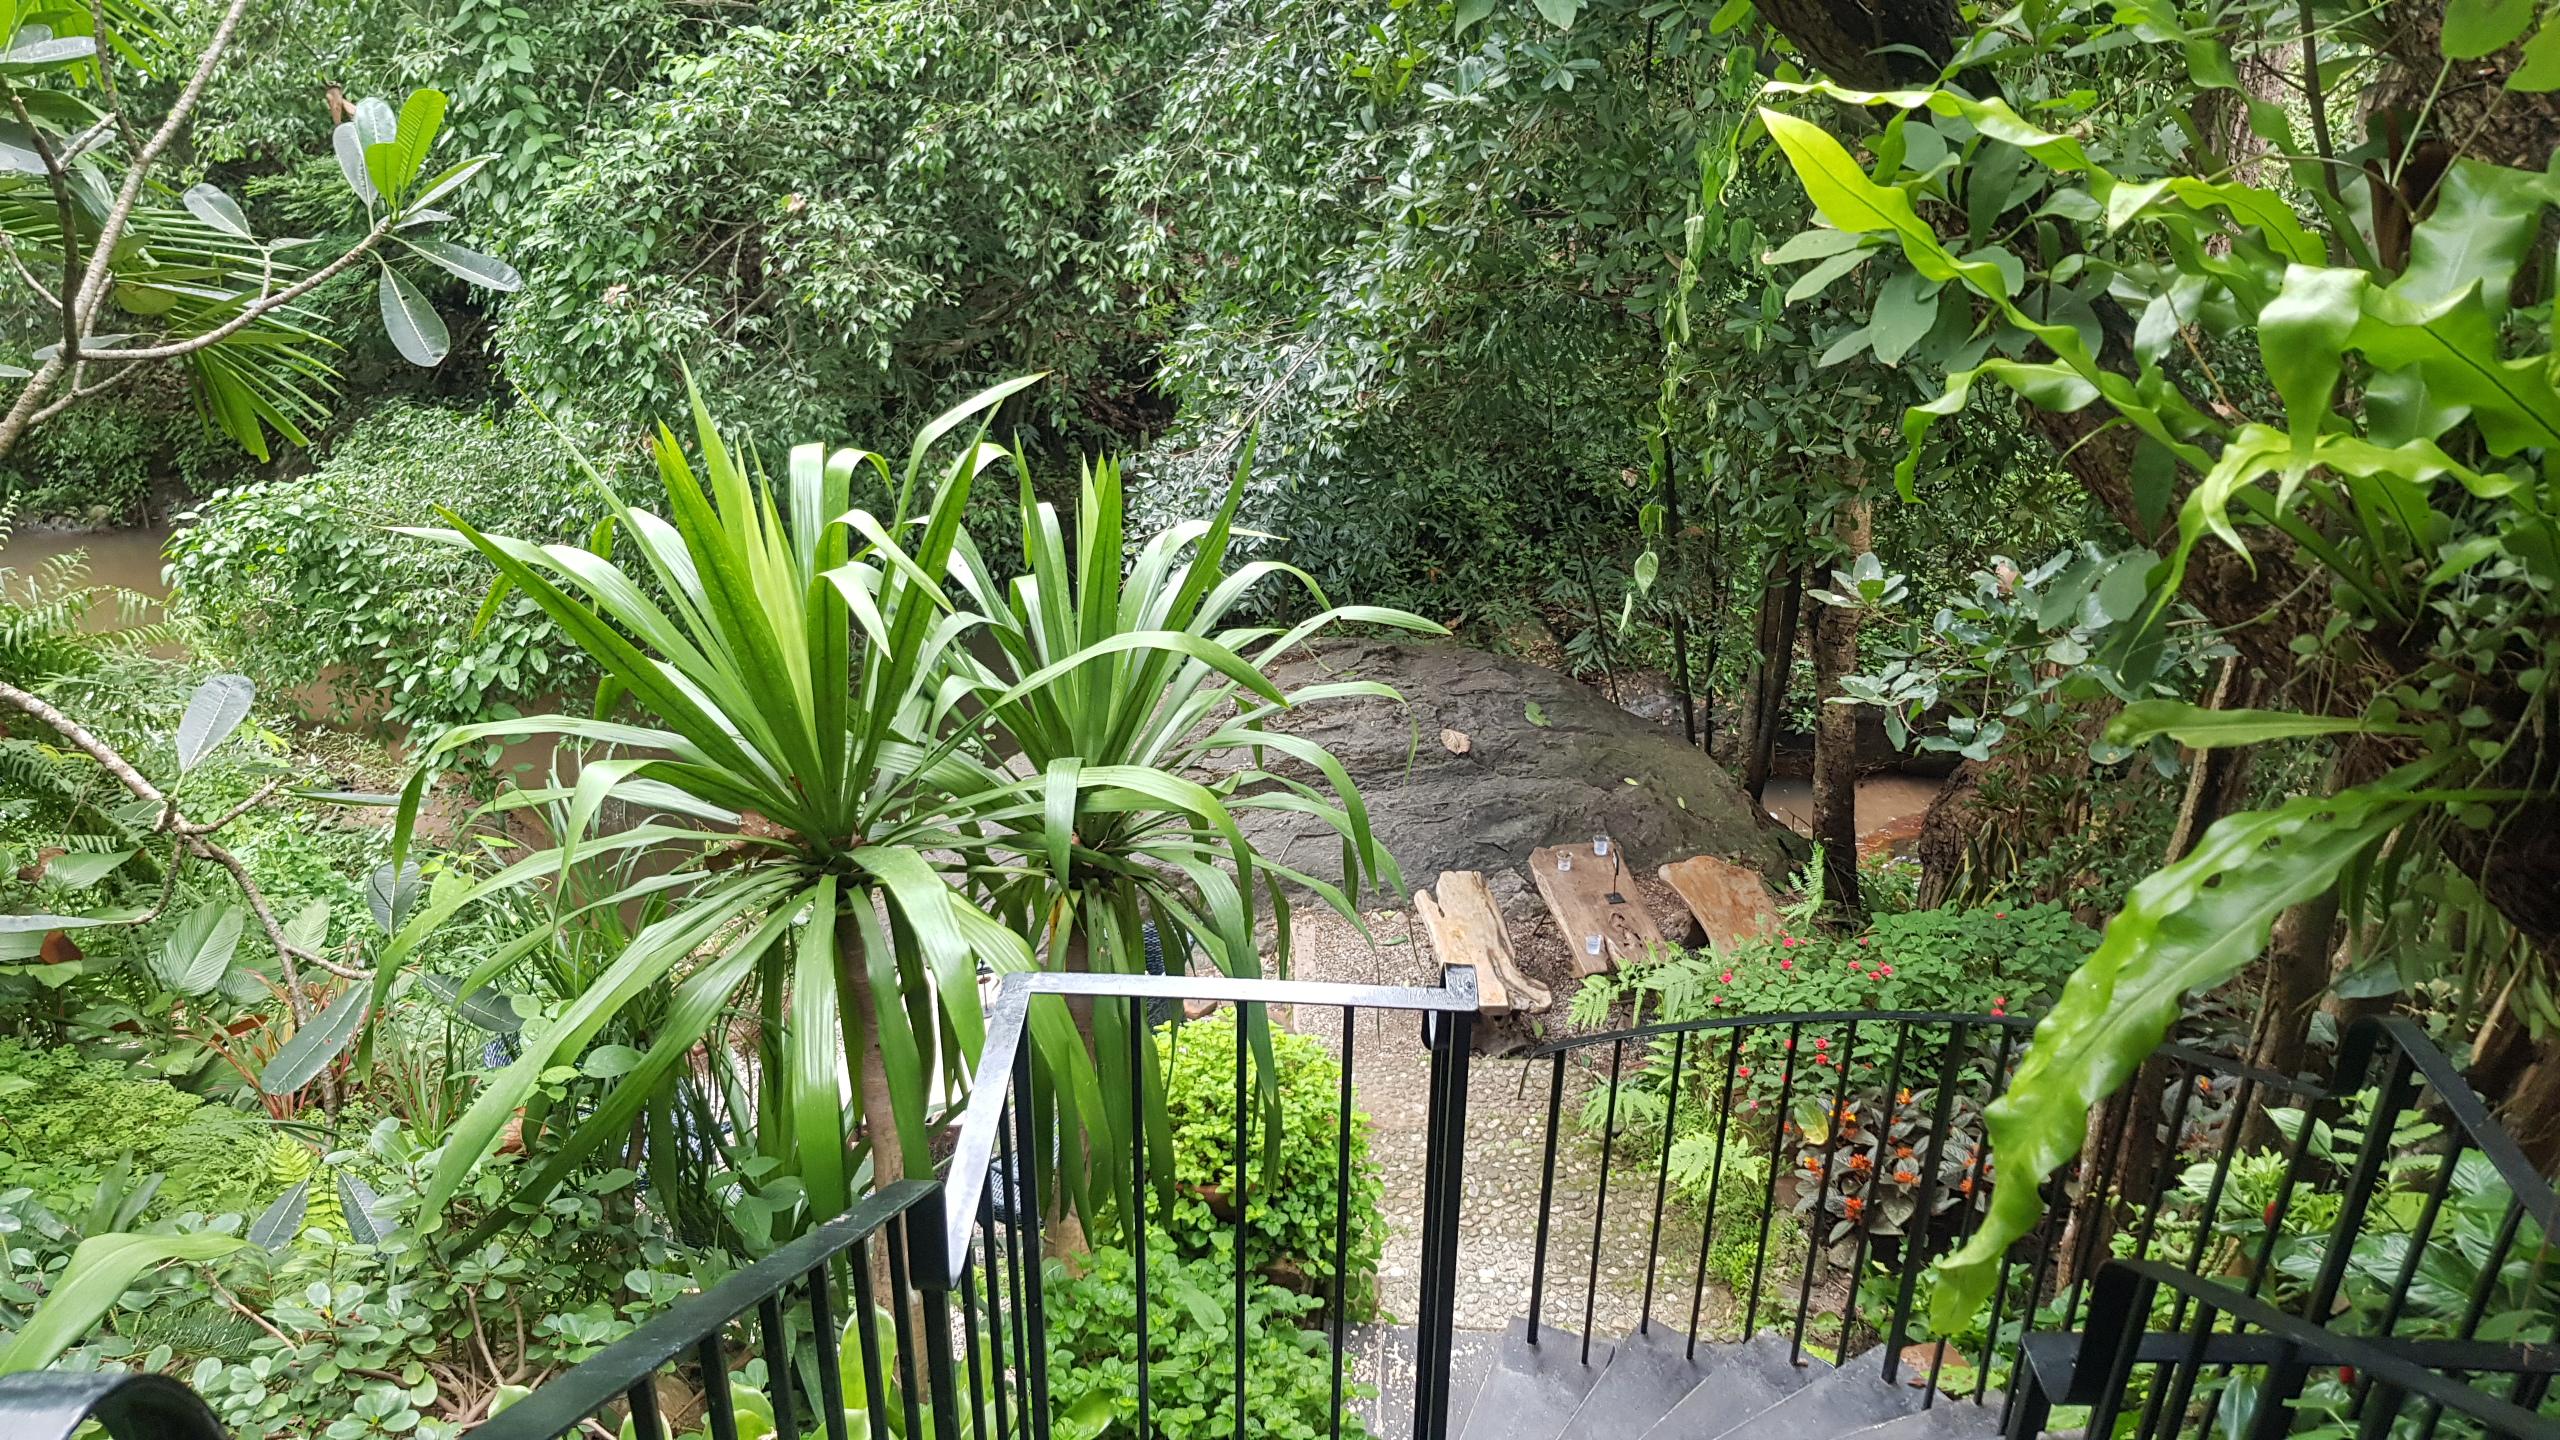 ทางเดินลงไปโซนที่นั่งบนโขดหิน ริมลำธาร ท่ามกลางแมกไม้ที่เขียวขจี @ Wild Coffee & Bistro